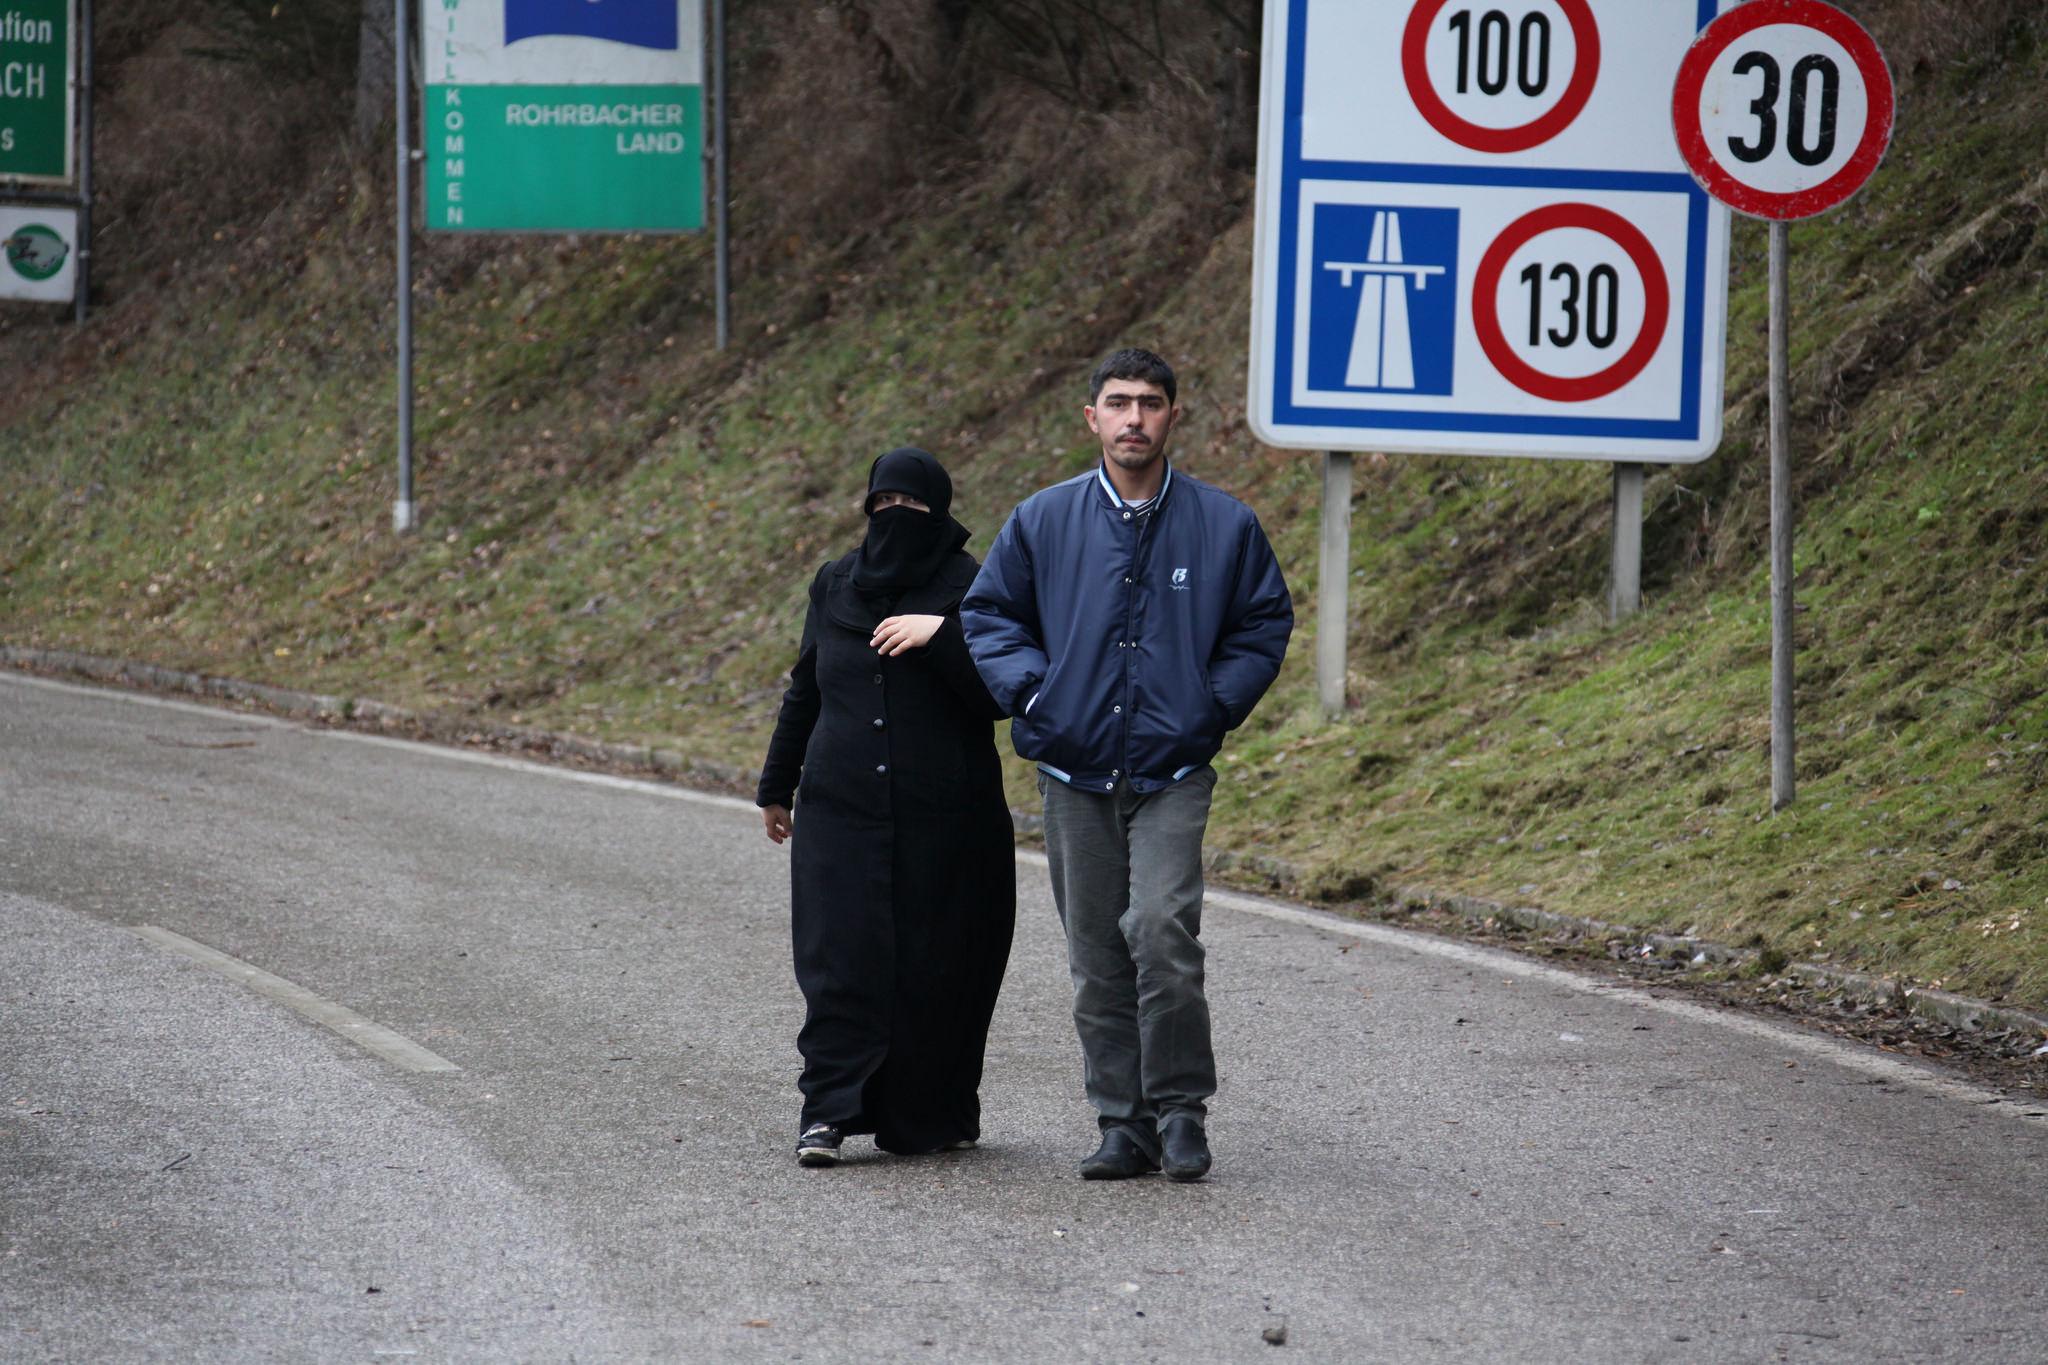 Deutschland windet sich in der Flüchtlingskrise aus der Verantwortung, meint Petra Erler.